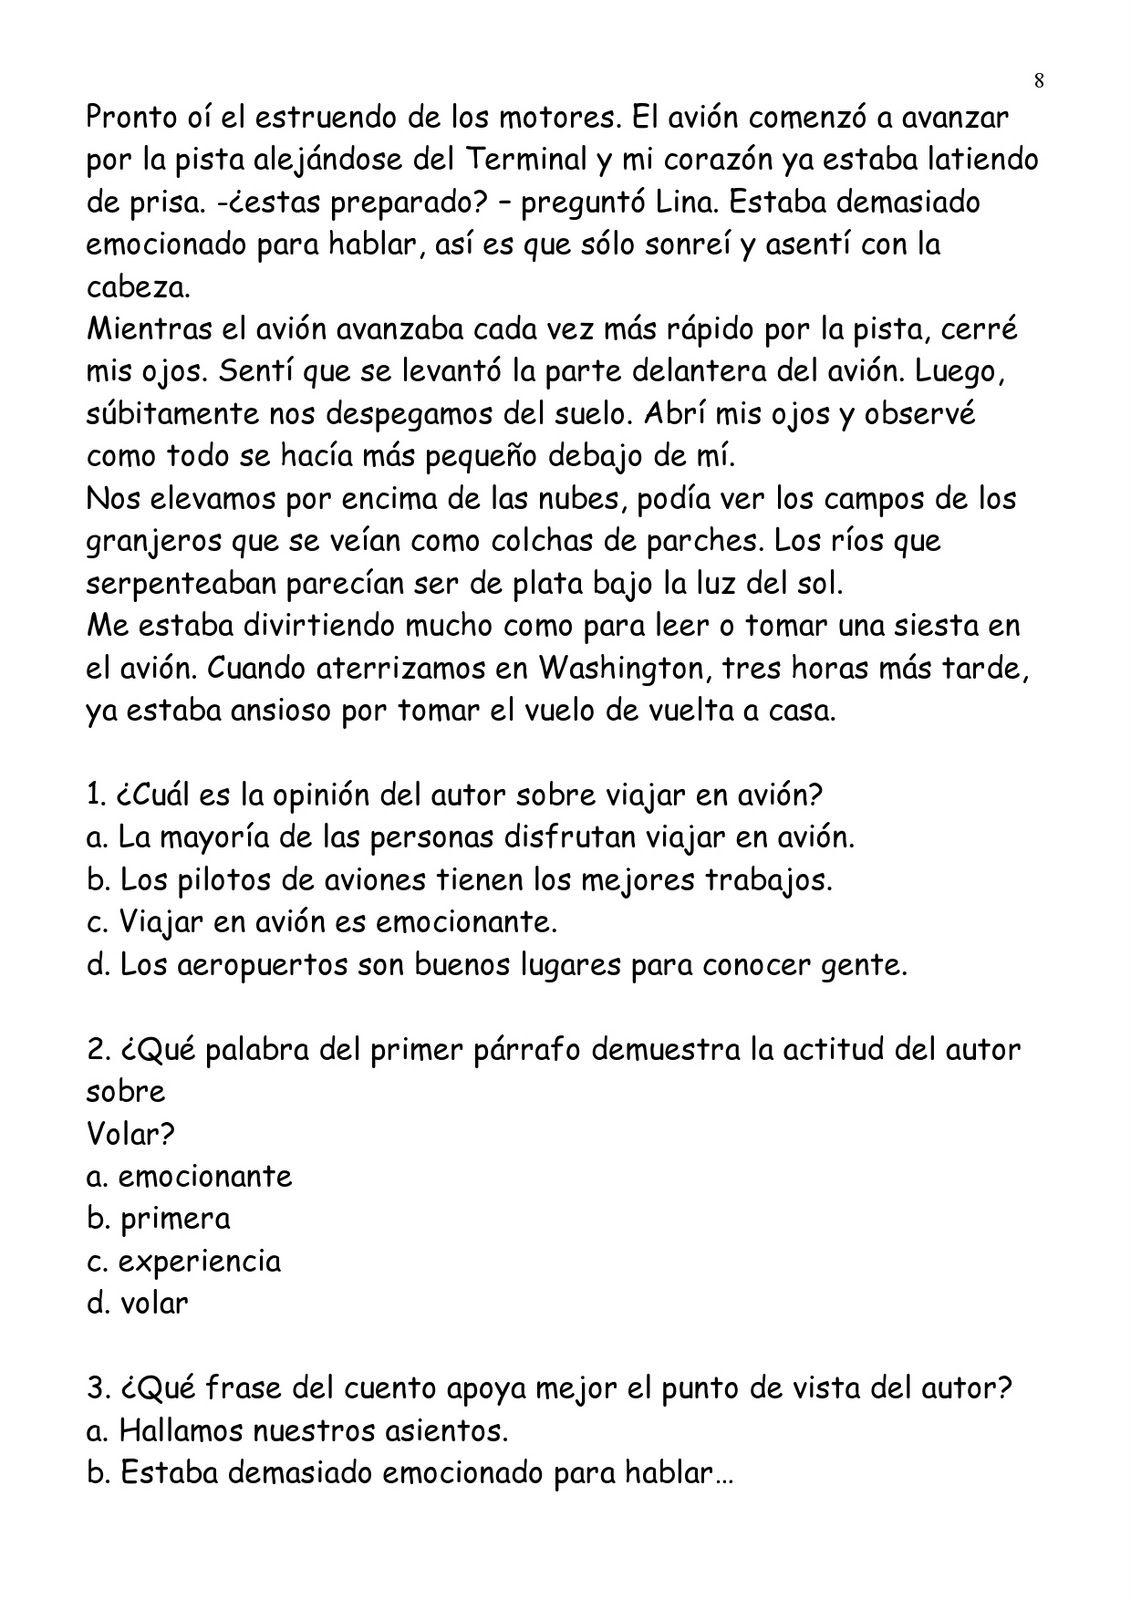 Lourdes profesora de matematicas ciudad municipal - 3 1